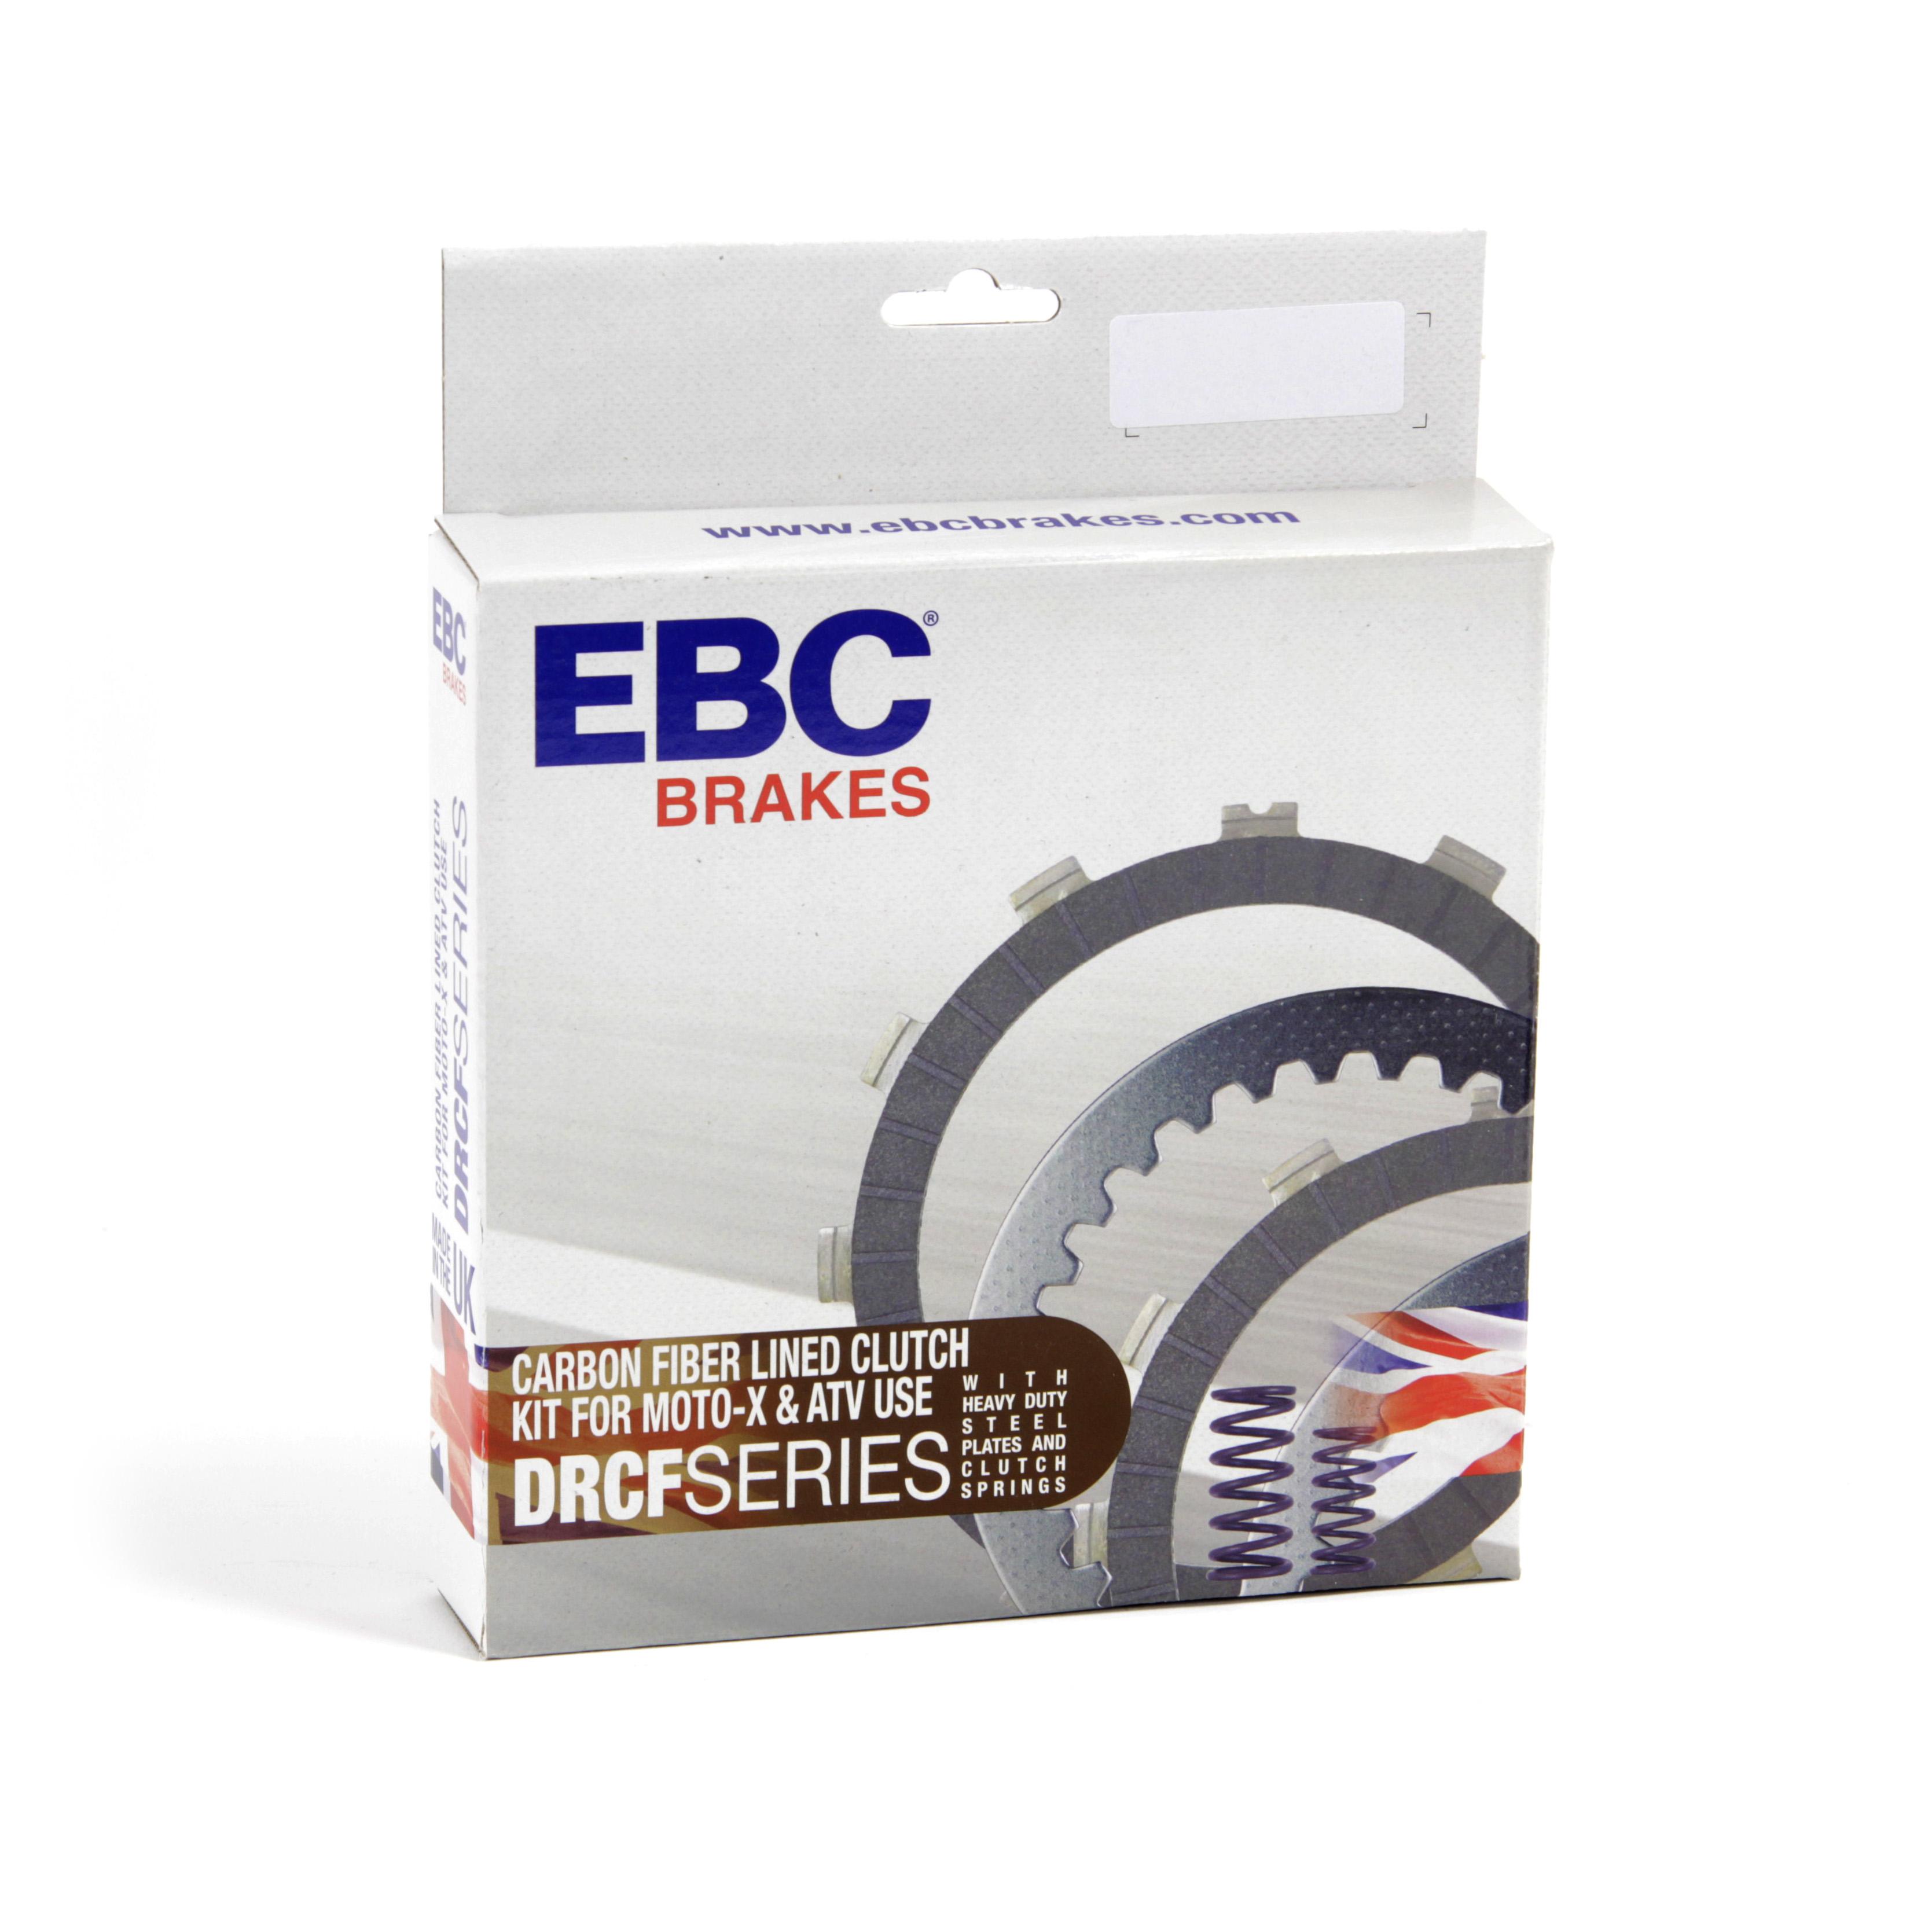 EBC Brakes DRCF Carbon Fibre Lined Clutch Rebuild Kit